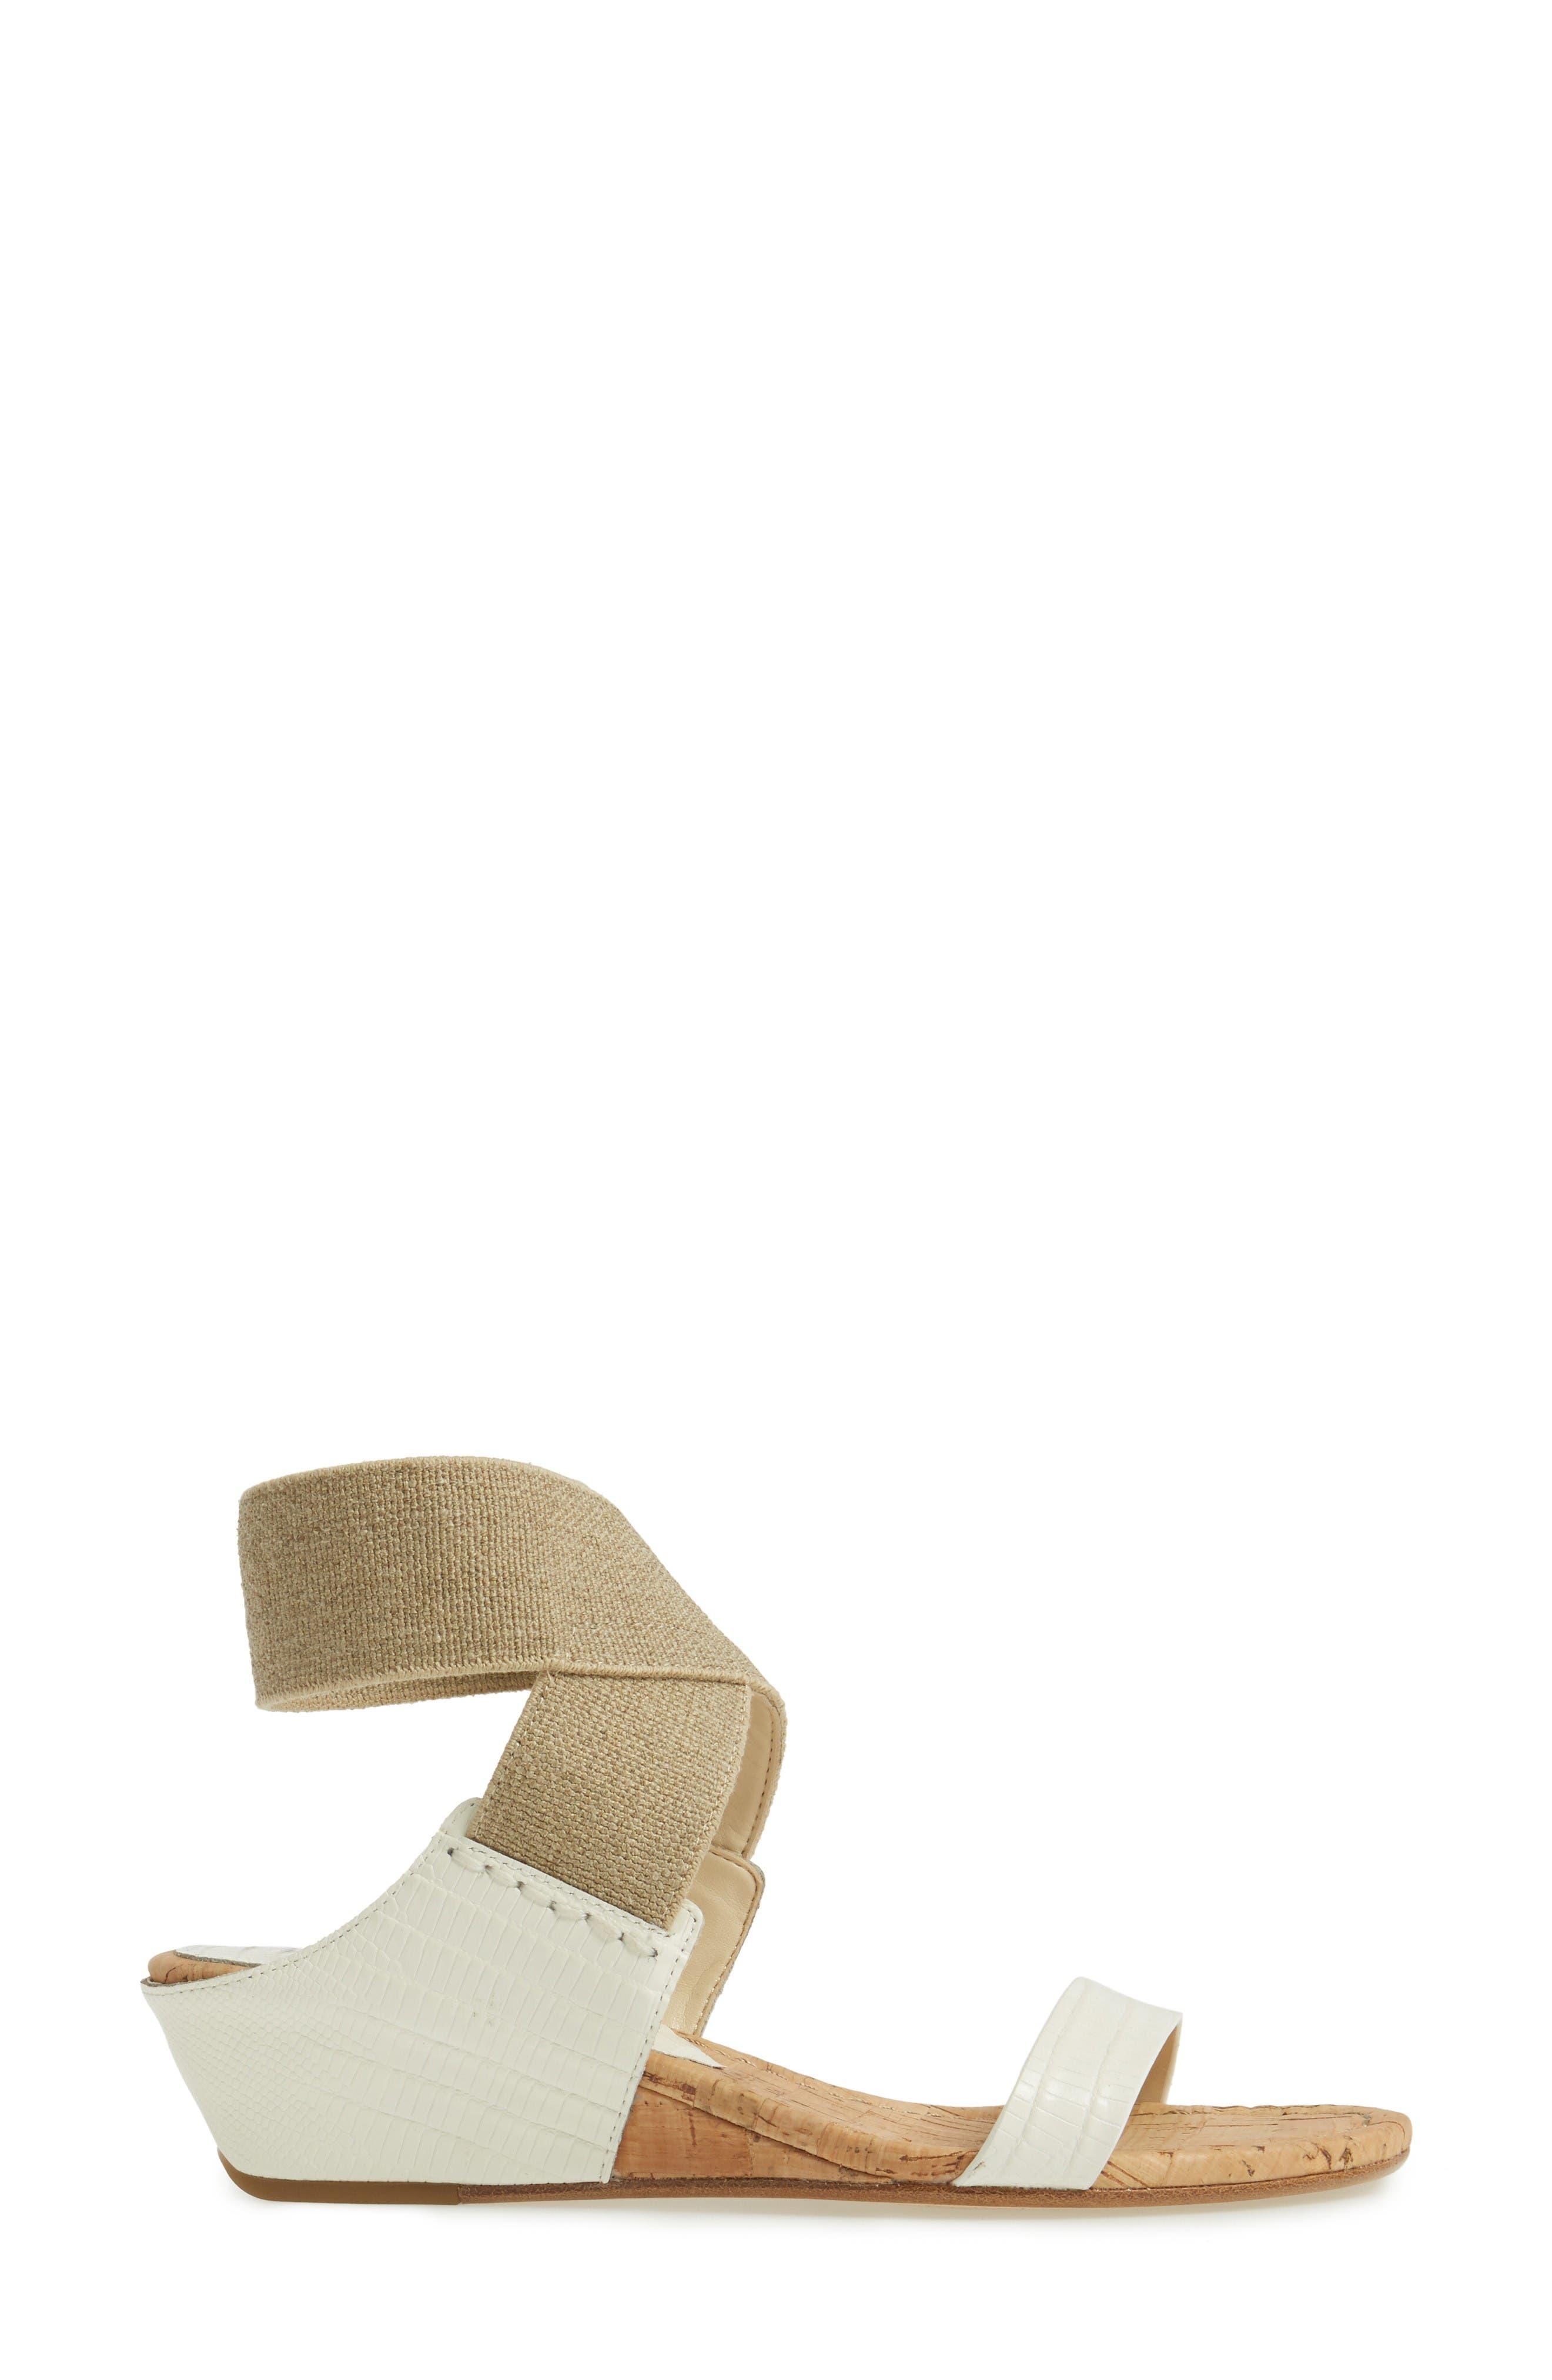 Alternate Image 3  - Donald J Pliner Eeva Wedge Sandal (Women)